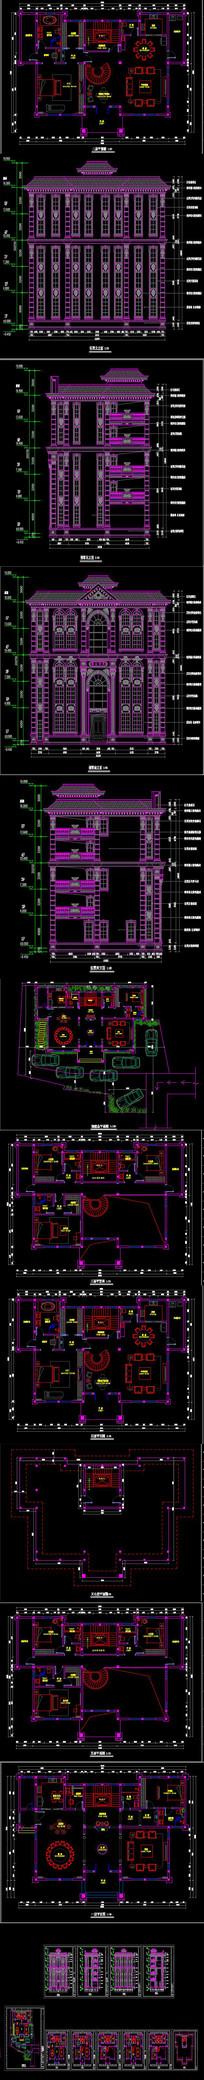 全套欧式建筑外立面CAD施工图